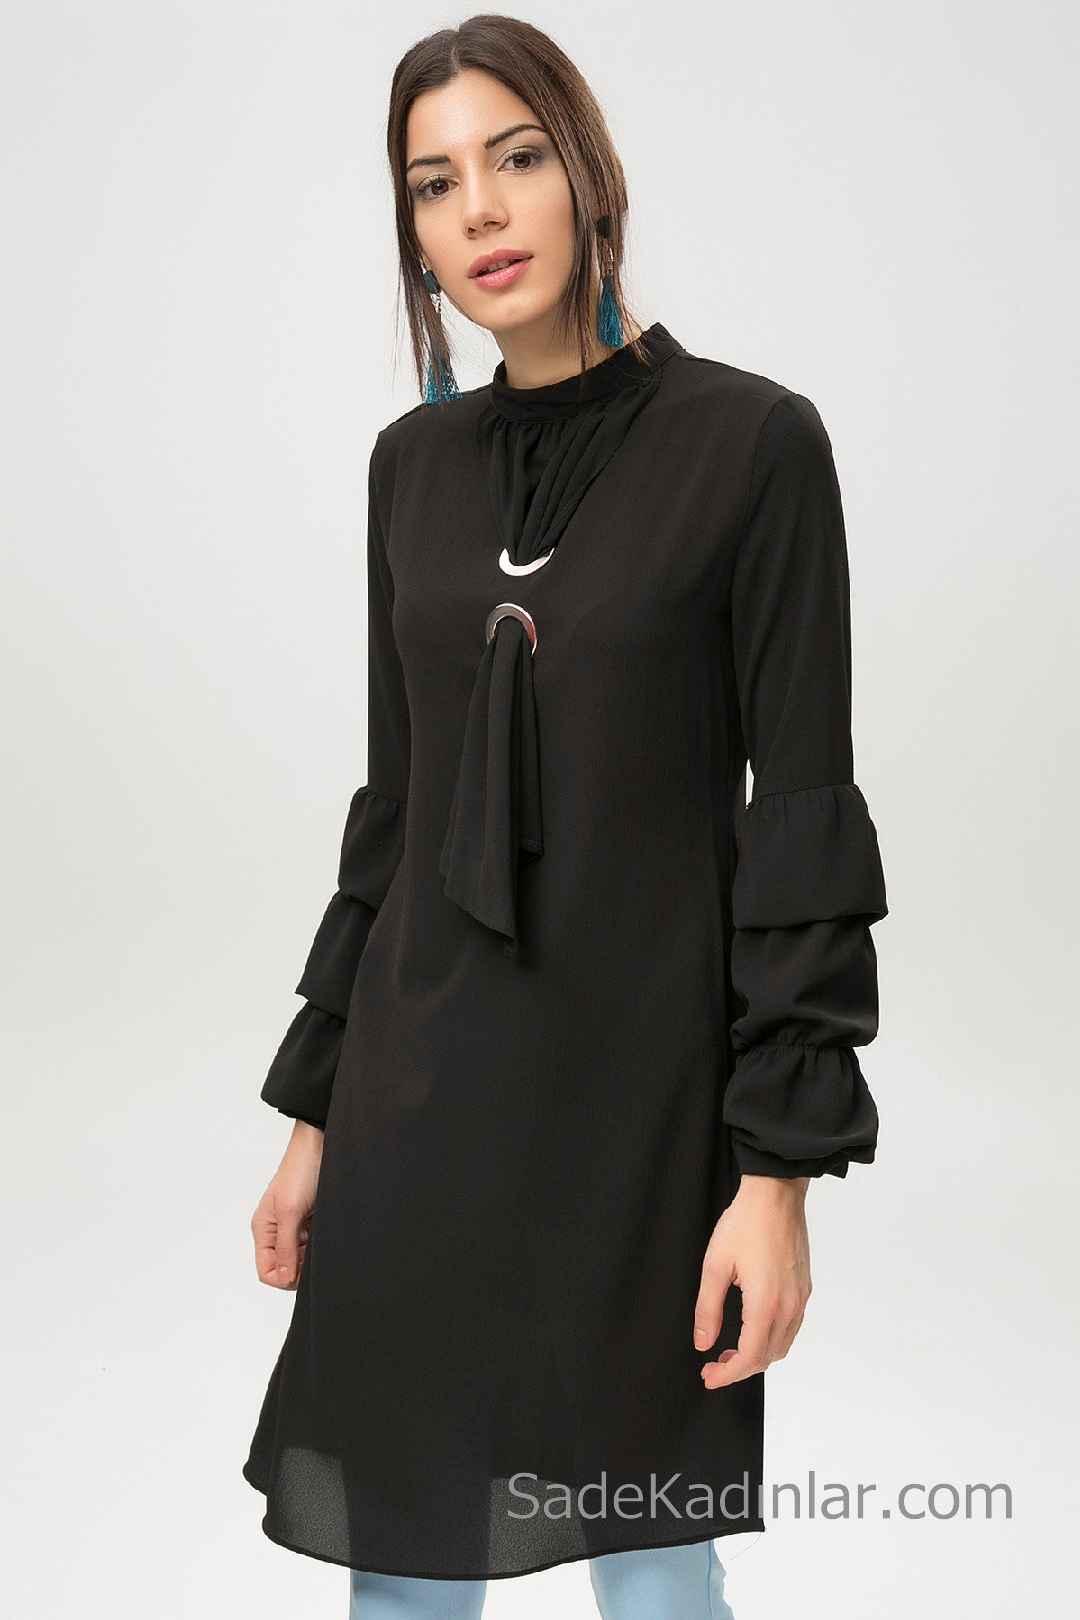 Tunik Gömlek Modelleri Siyah Uzun Kollu Kuş Gözü Detaylı kolları Fırfırlı